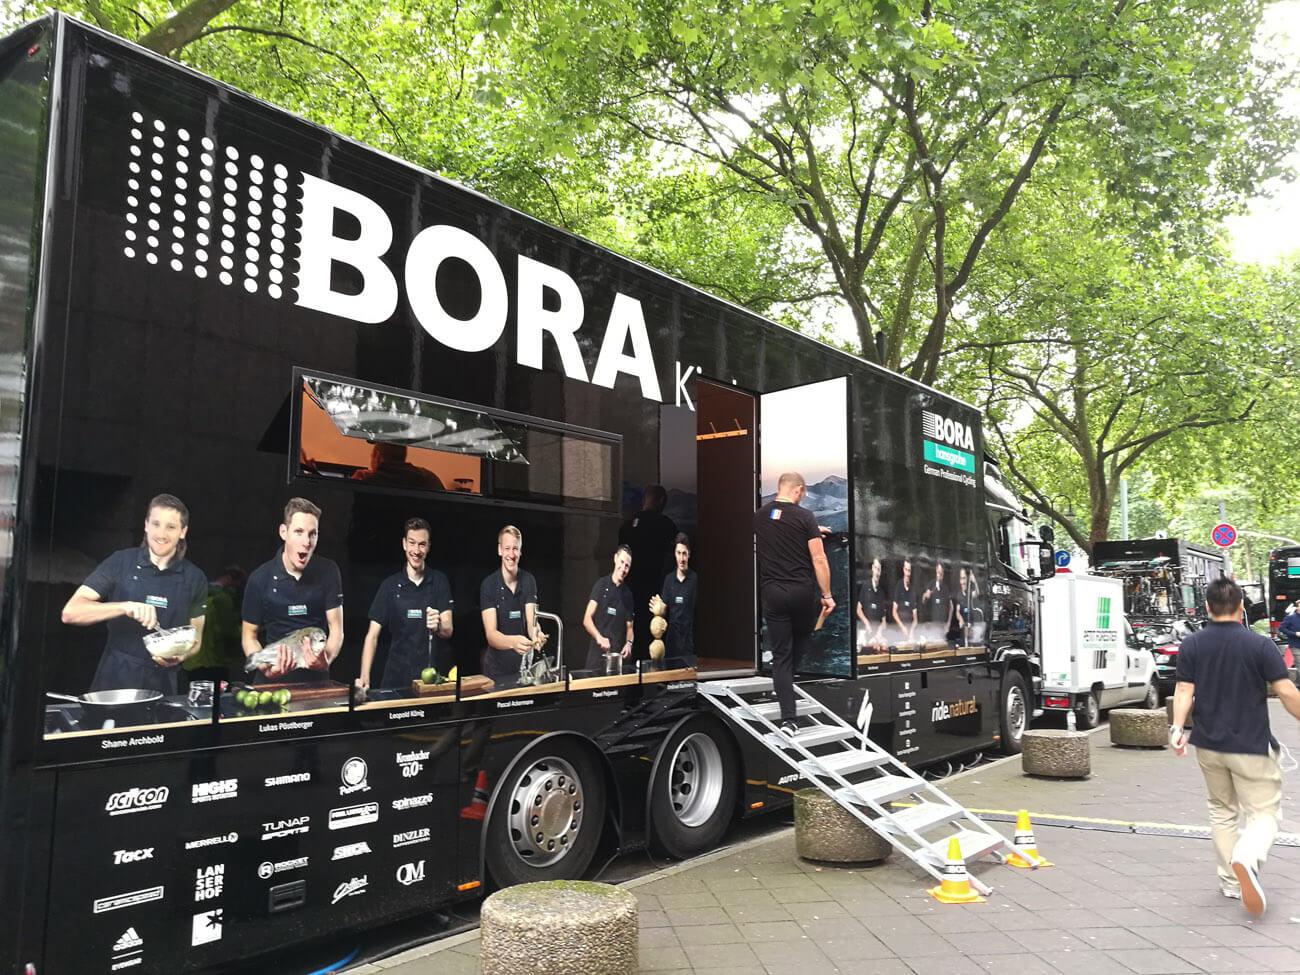 Frühstück im Mannschaftsbus - Bora-hansgrohe